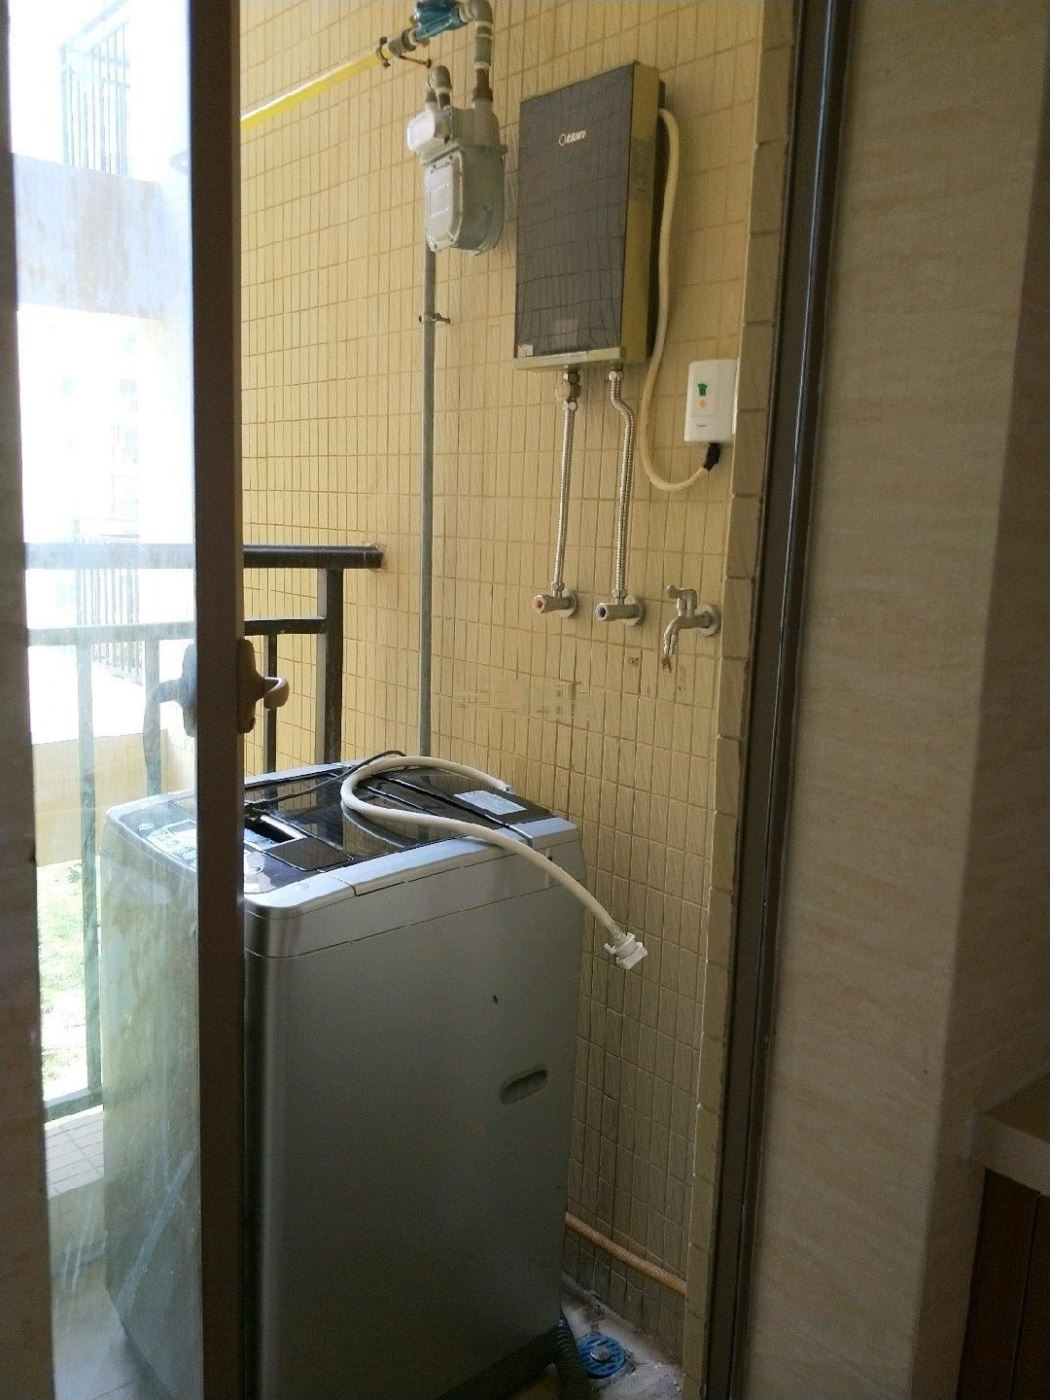 龙光海云天 2200元 2室1厅1卫 精装修,全家私电器龙光海云天